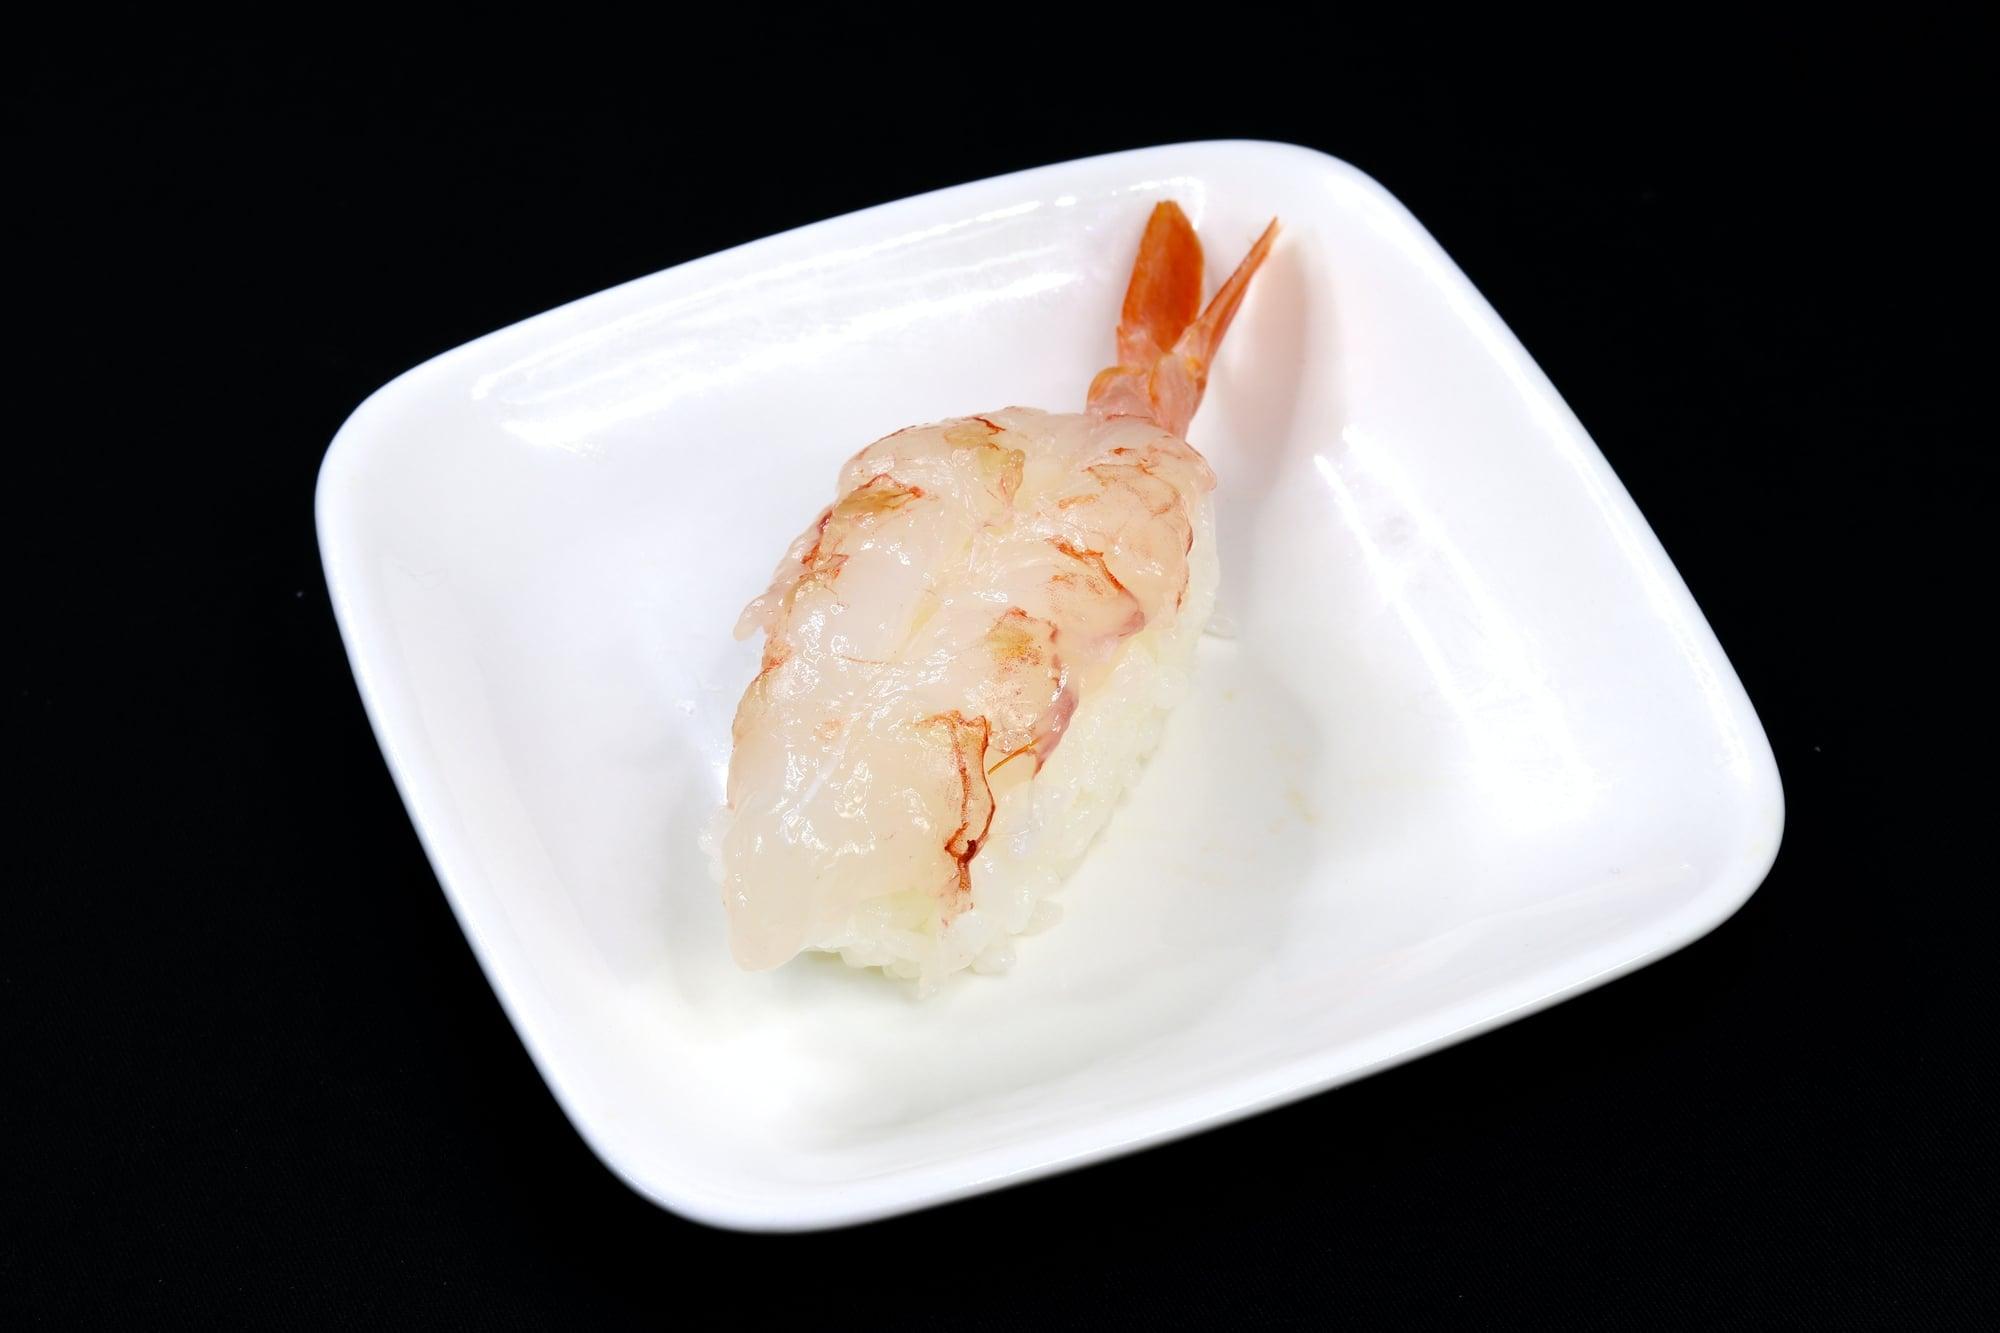 Miếng thịt tôm nuôi cấy trong phòng thí nghiệm của Shiok Meats. Ảnh: Shiok Meats.